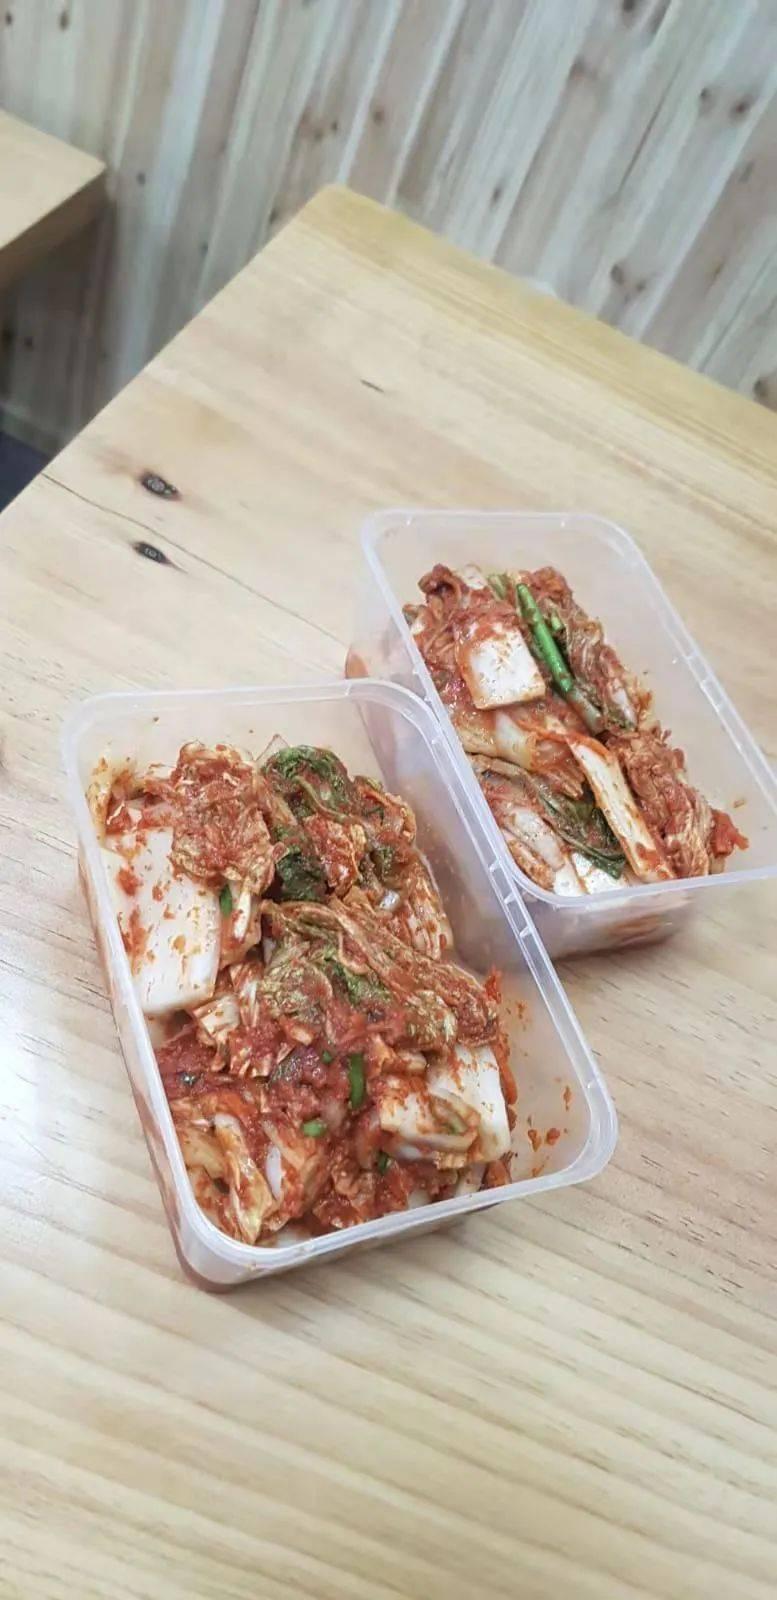 不用飞韩国也可以吃到这么地道的韩国餐@SONGANE,还有狮城独家芝麻酱人参鸡+送韩国餐